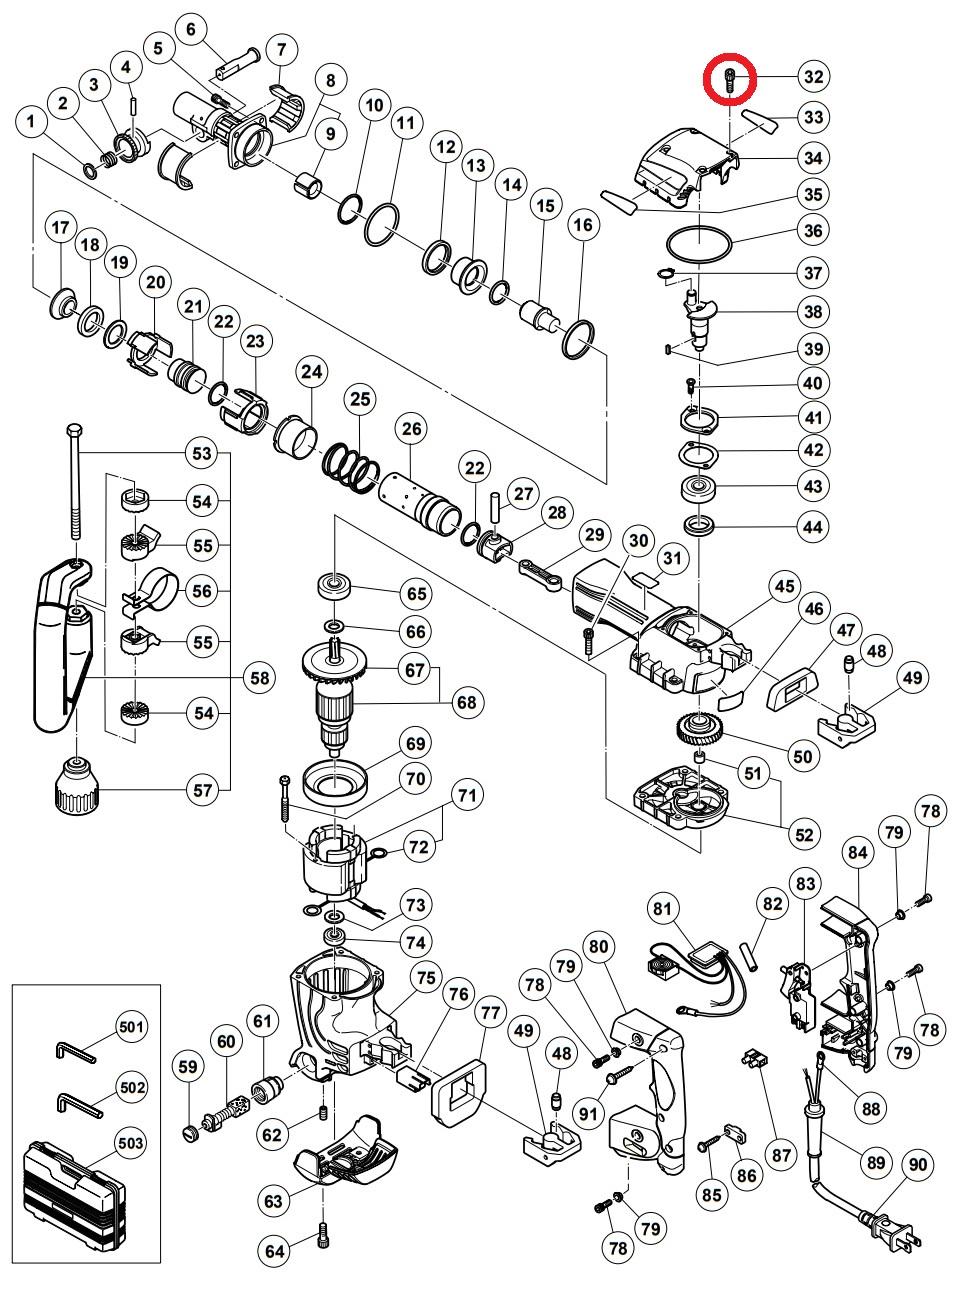 Śrubka uszczelniająca do Młota Wyburzeniowego HITACHI H 45FRV [983-162]